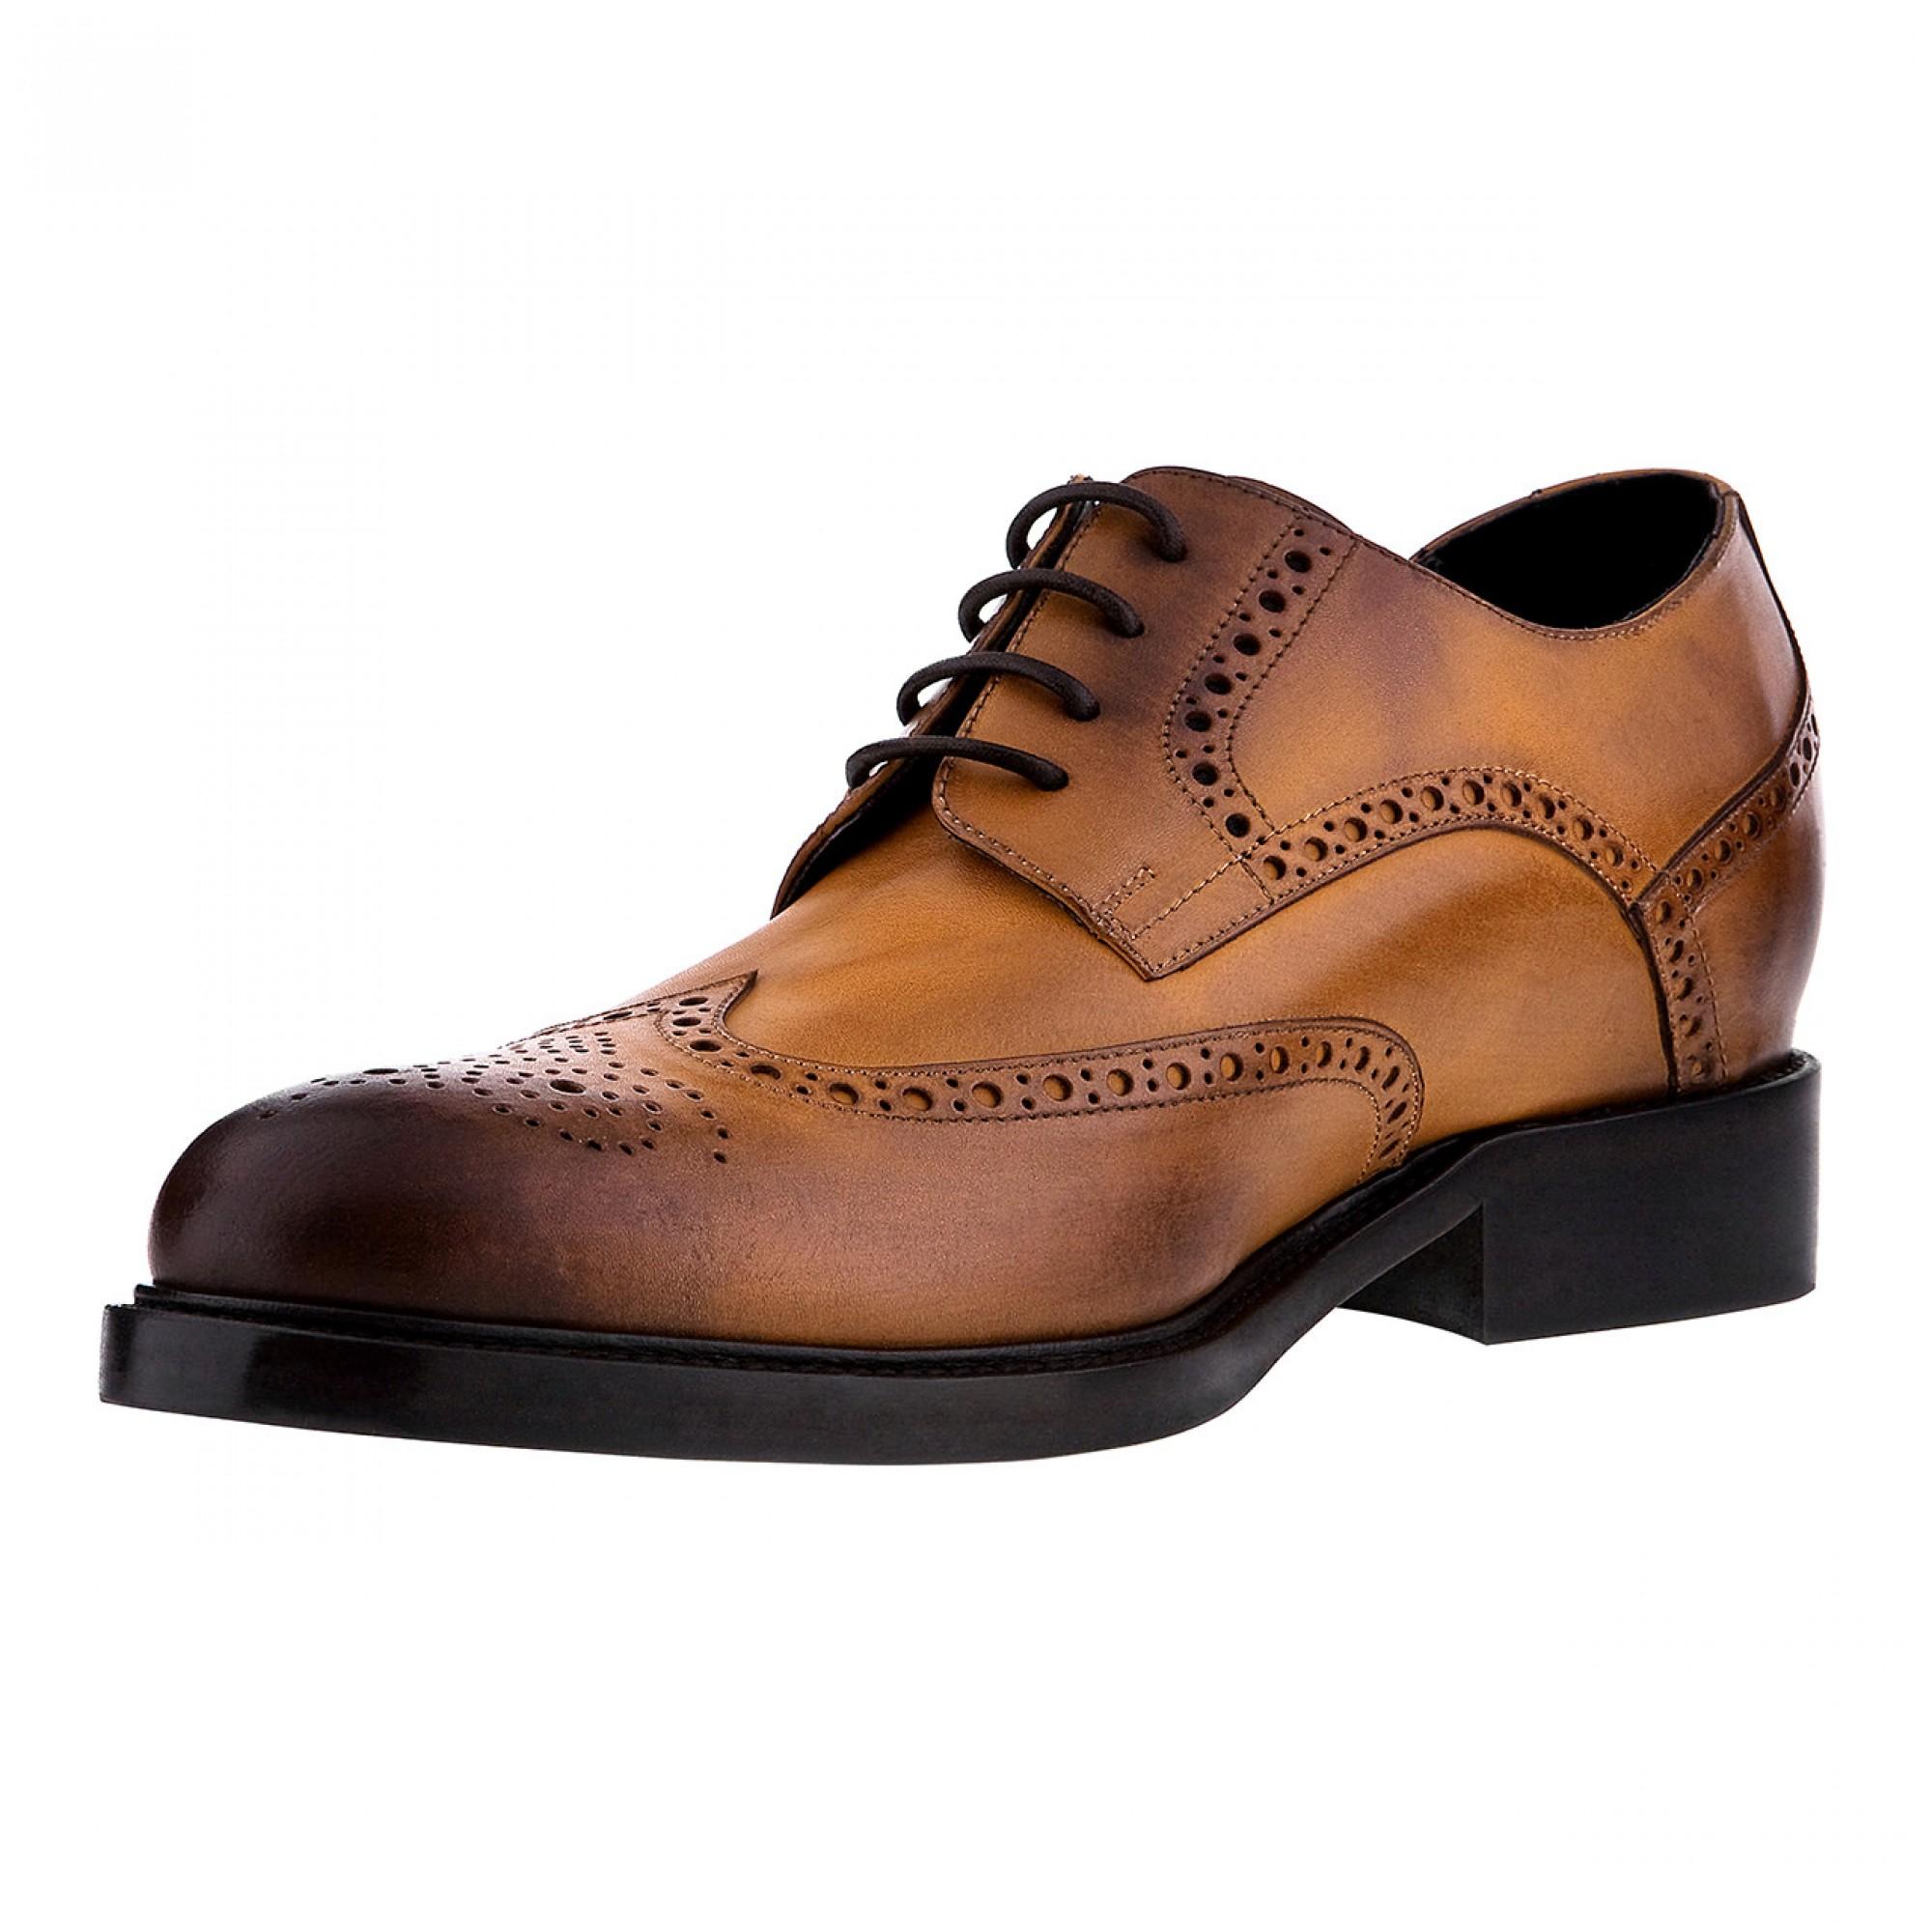 scarpe con rialzo beverly hills